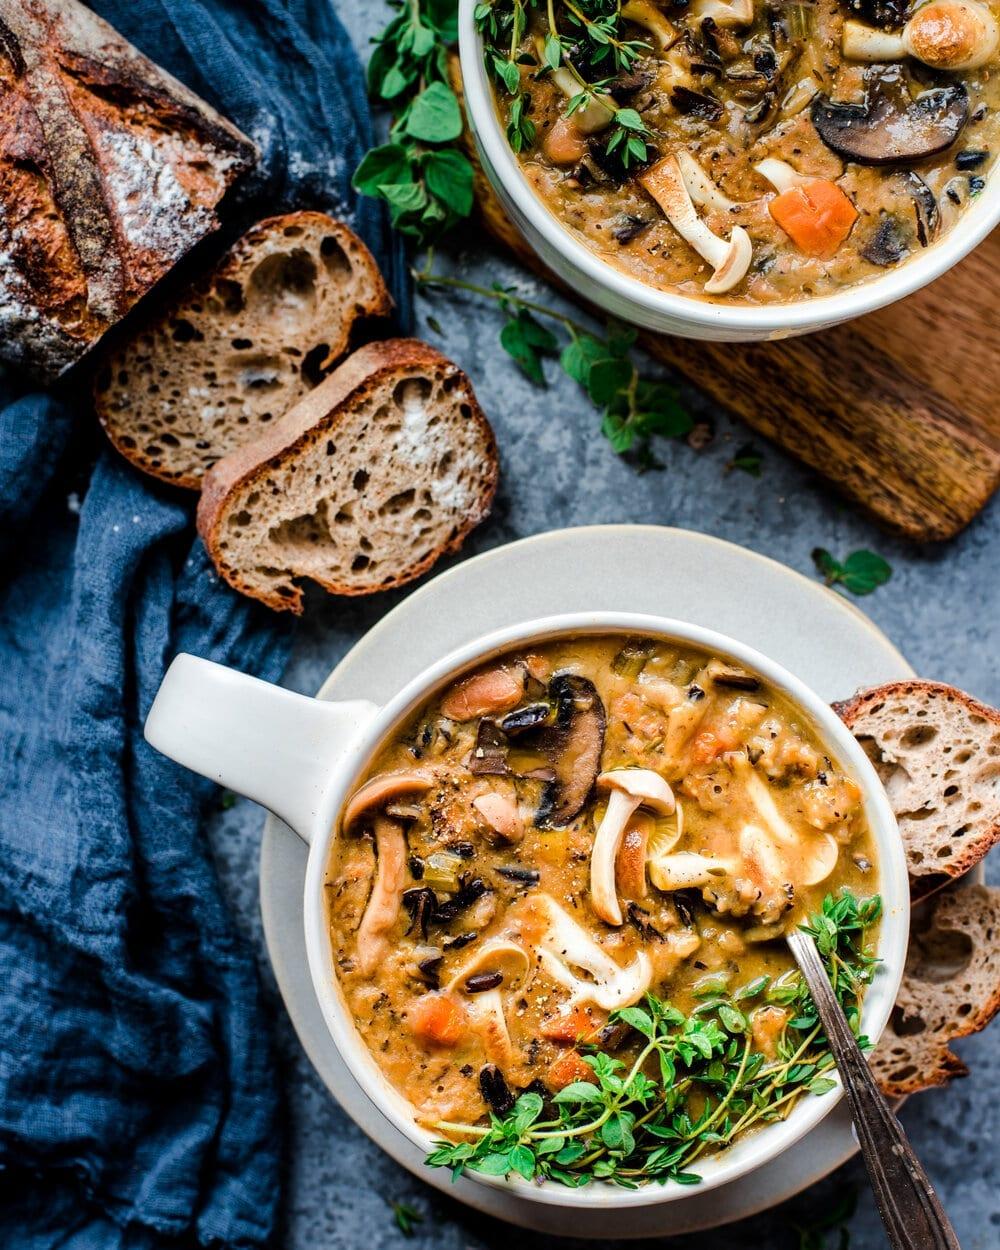 youtube - mushroom soup cuttingboard less cropped (1 of 1).jpg